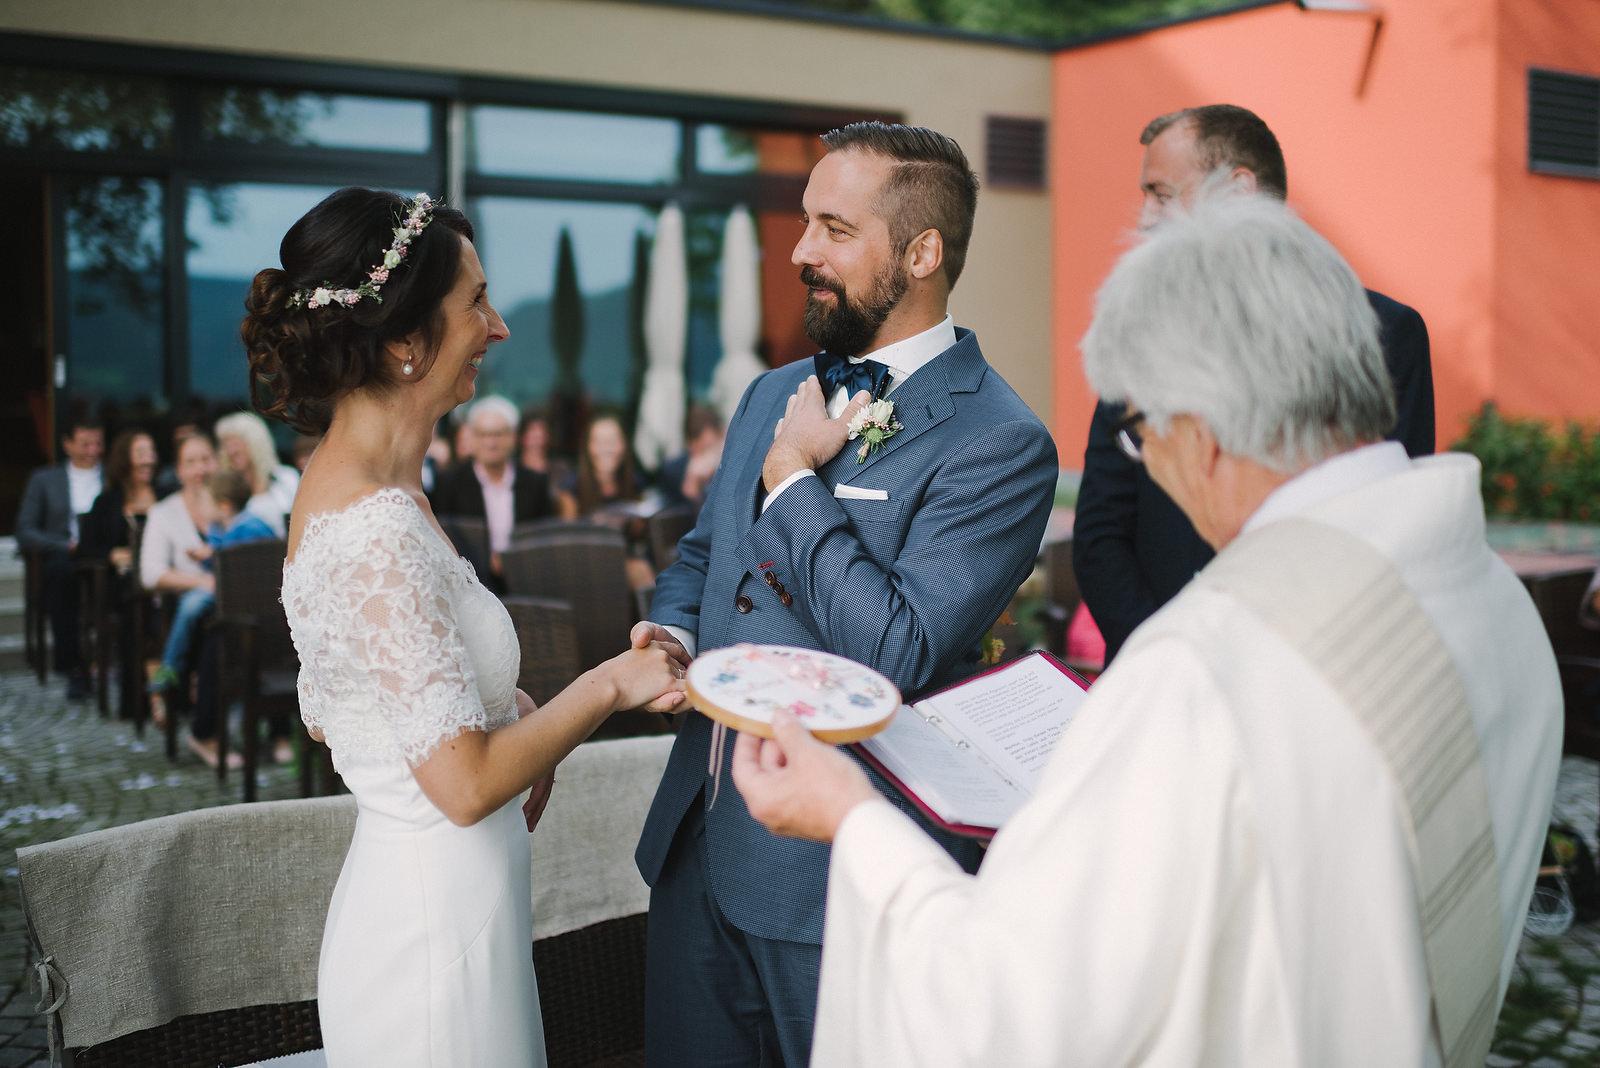 Fotograf Konstanz - Hochzeitsfotograf Reutlingen Achalm Hochzeit EFP 50 - Documentary wedding story on the Achalm, Reutlingen  - 41 -